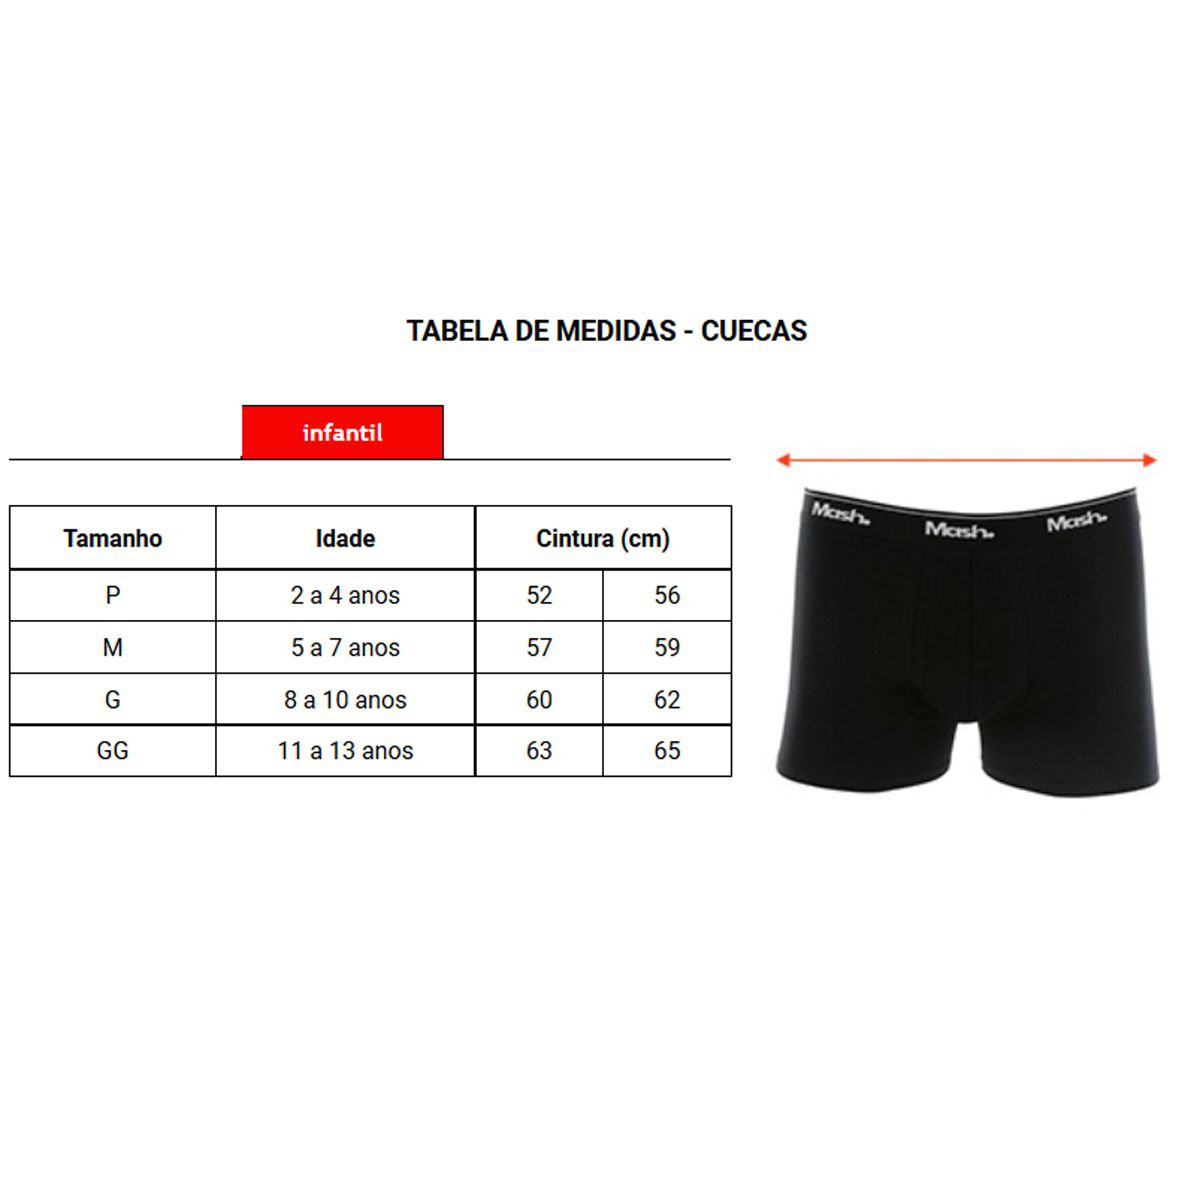 Cueca Mash Boxer Algodão Infantil - 190.03